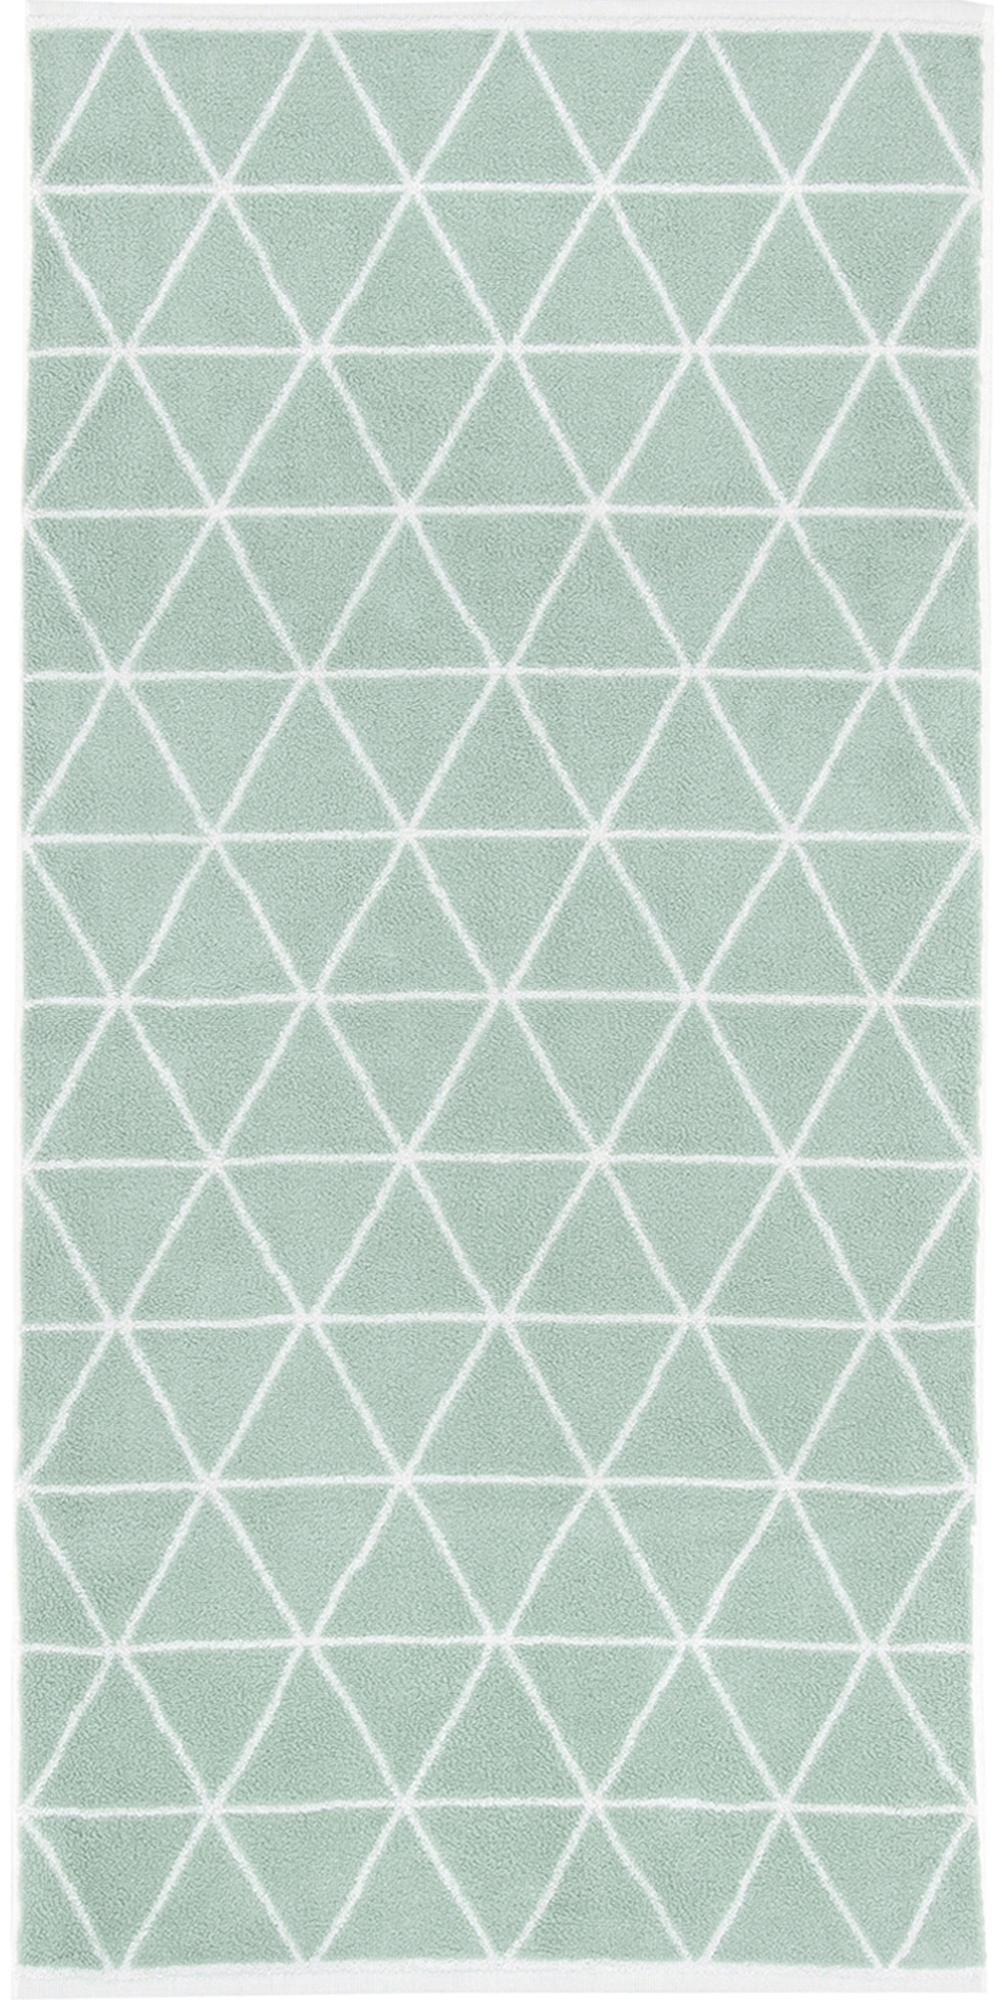 Wende-Handtuch Elina in verschiedenen Größen, mit grafischem Muster, Mintgrün, Cremeweiß, Handtuch